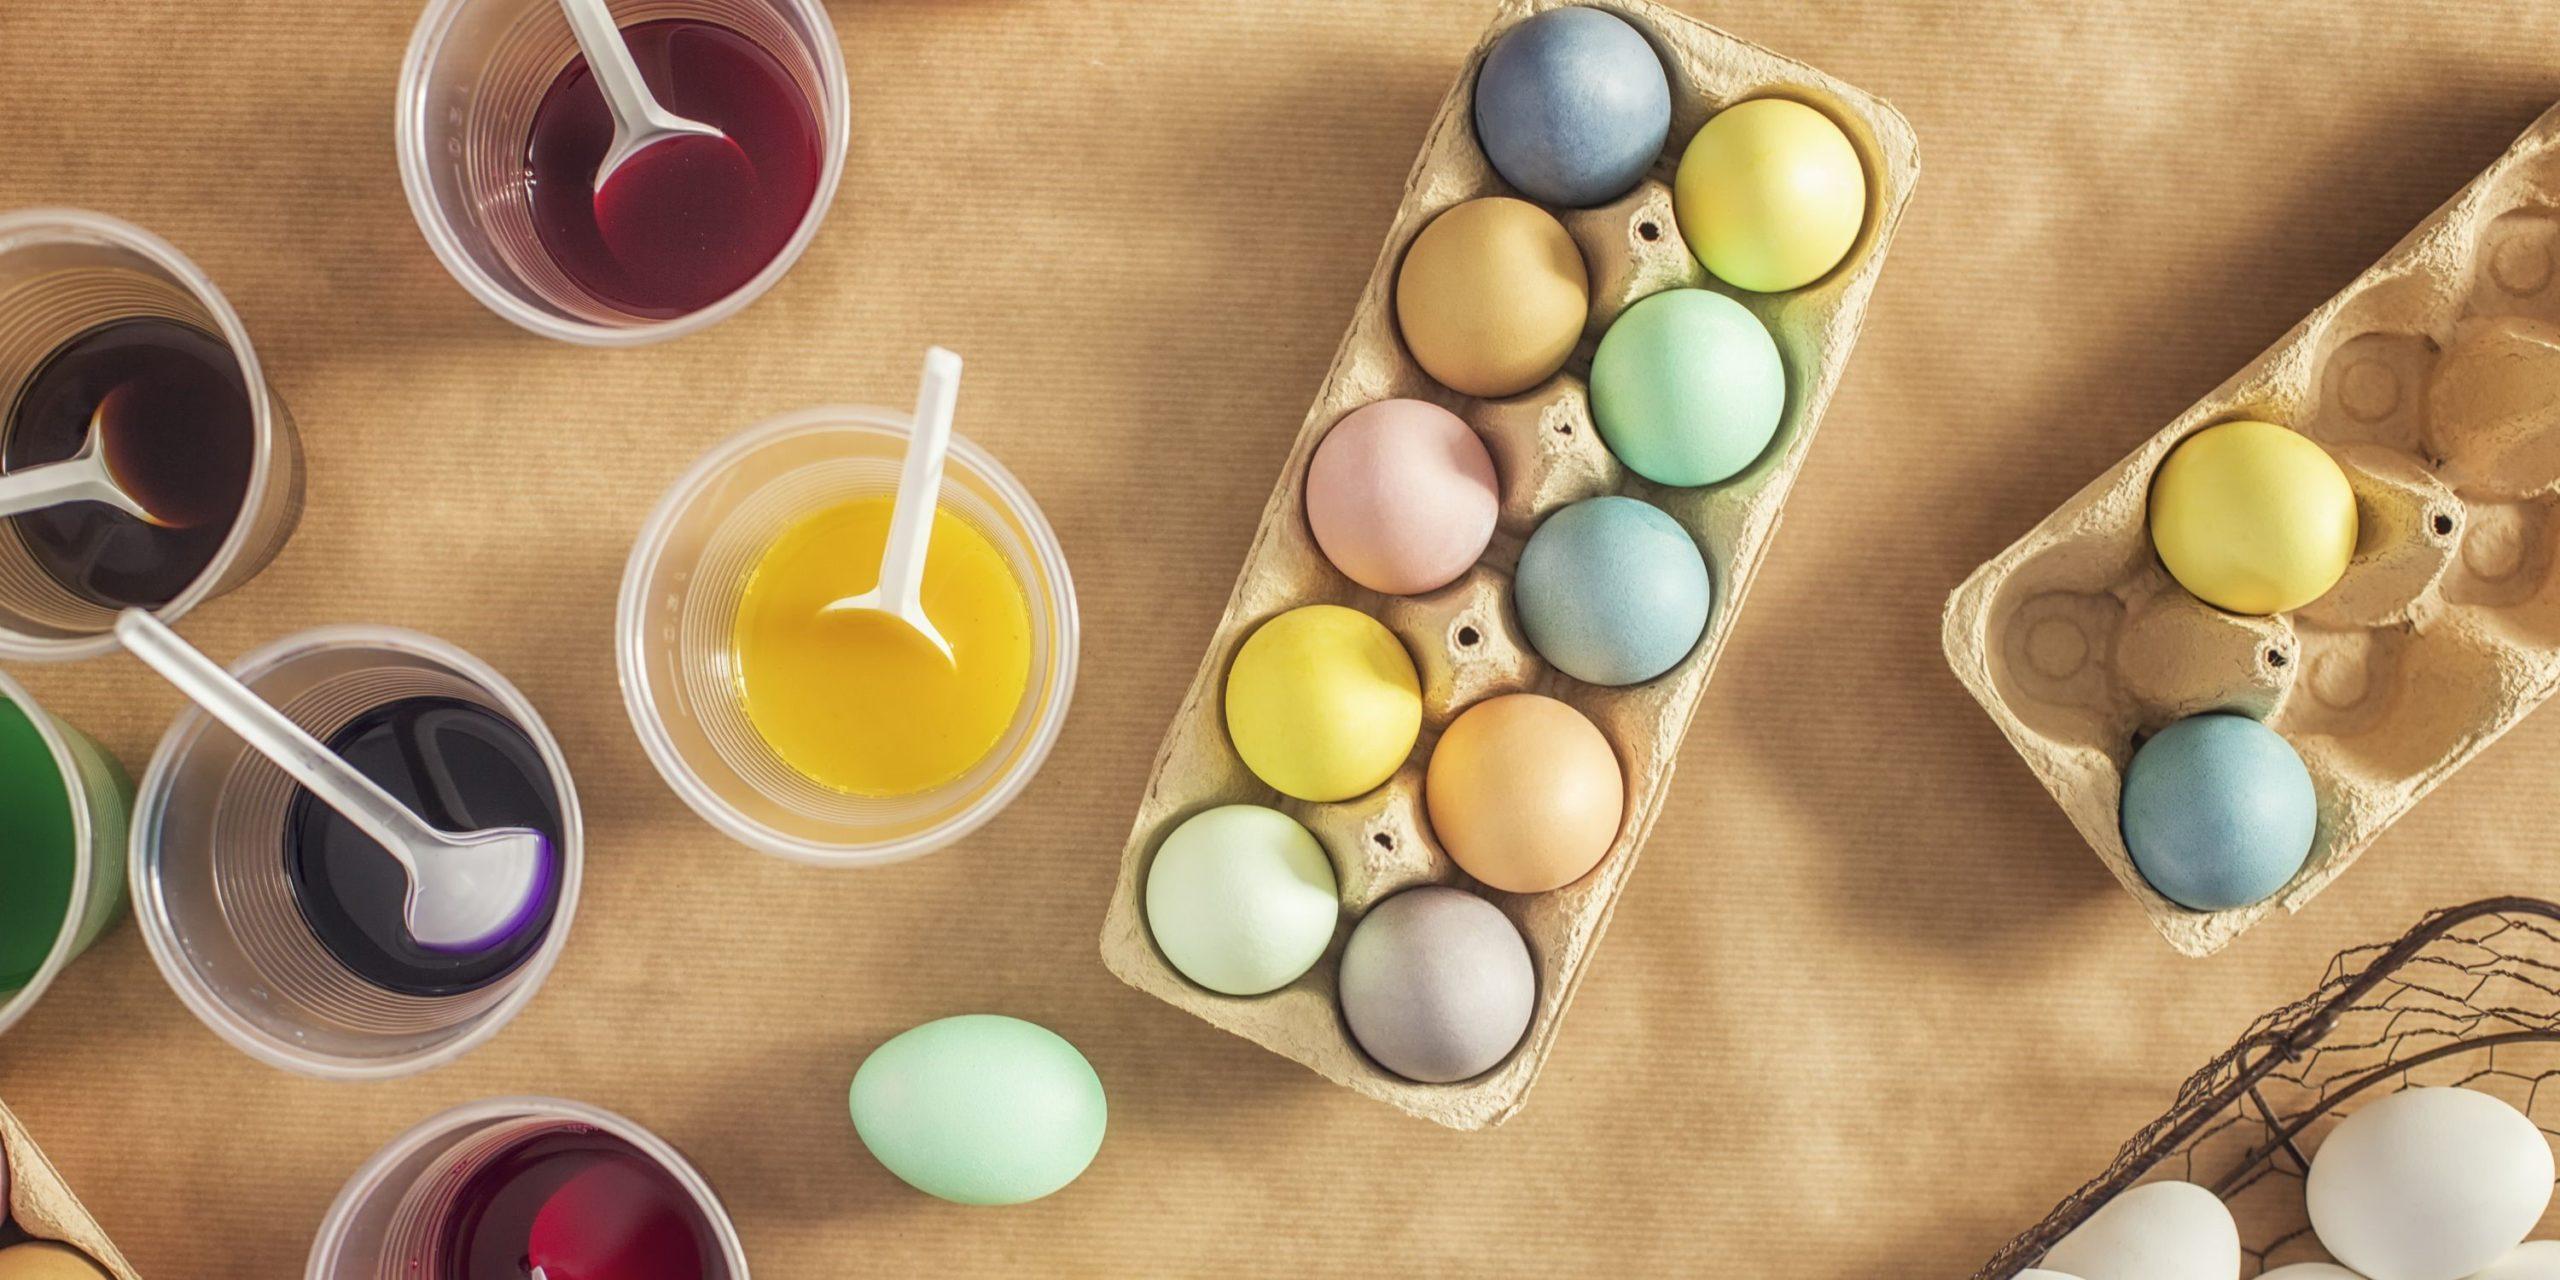 Utilisez 2 cuillères à soupe de curcuma pour une couleur jaune.